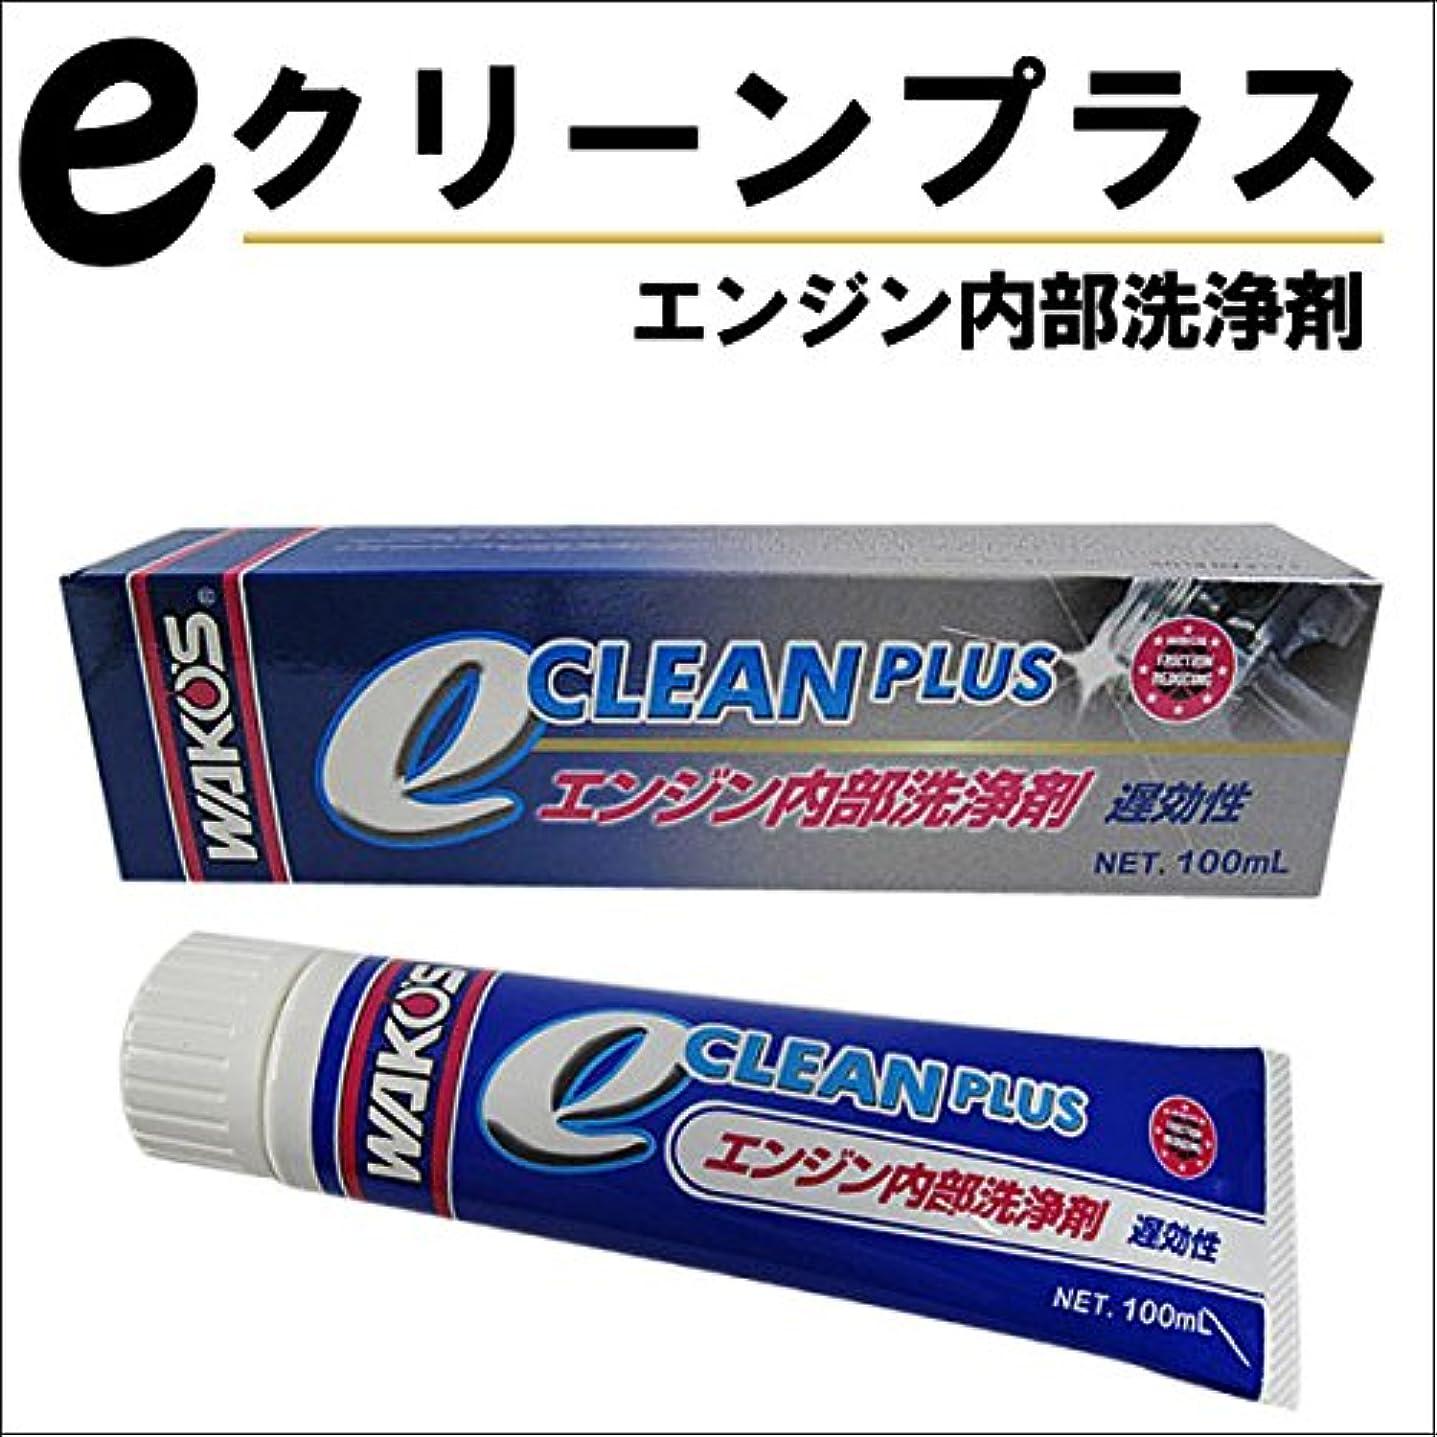 もう一度シルク学者WAKO'S ★ 【ECP】 e-クリーンプラス 【E170】 1本 / 100ml ★ 遅効性 / エンジン内部洗浄剤 【e CLEAN PLUS】【ワコーズ】